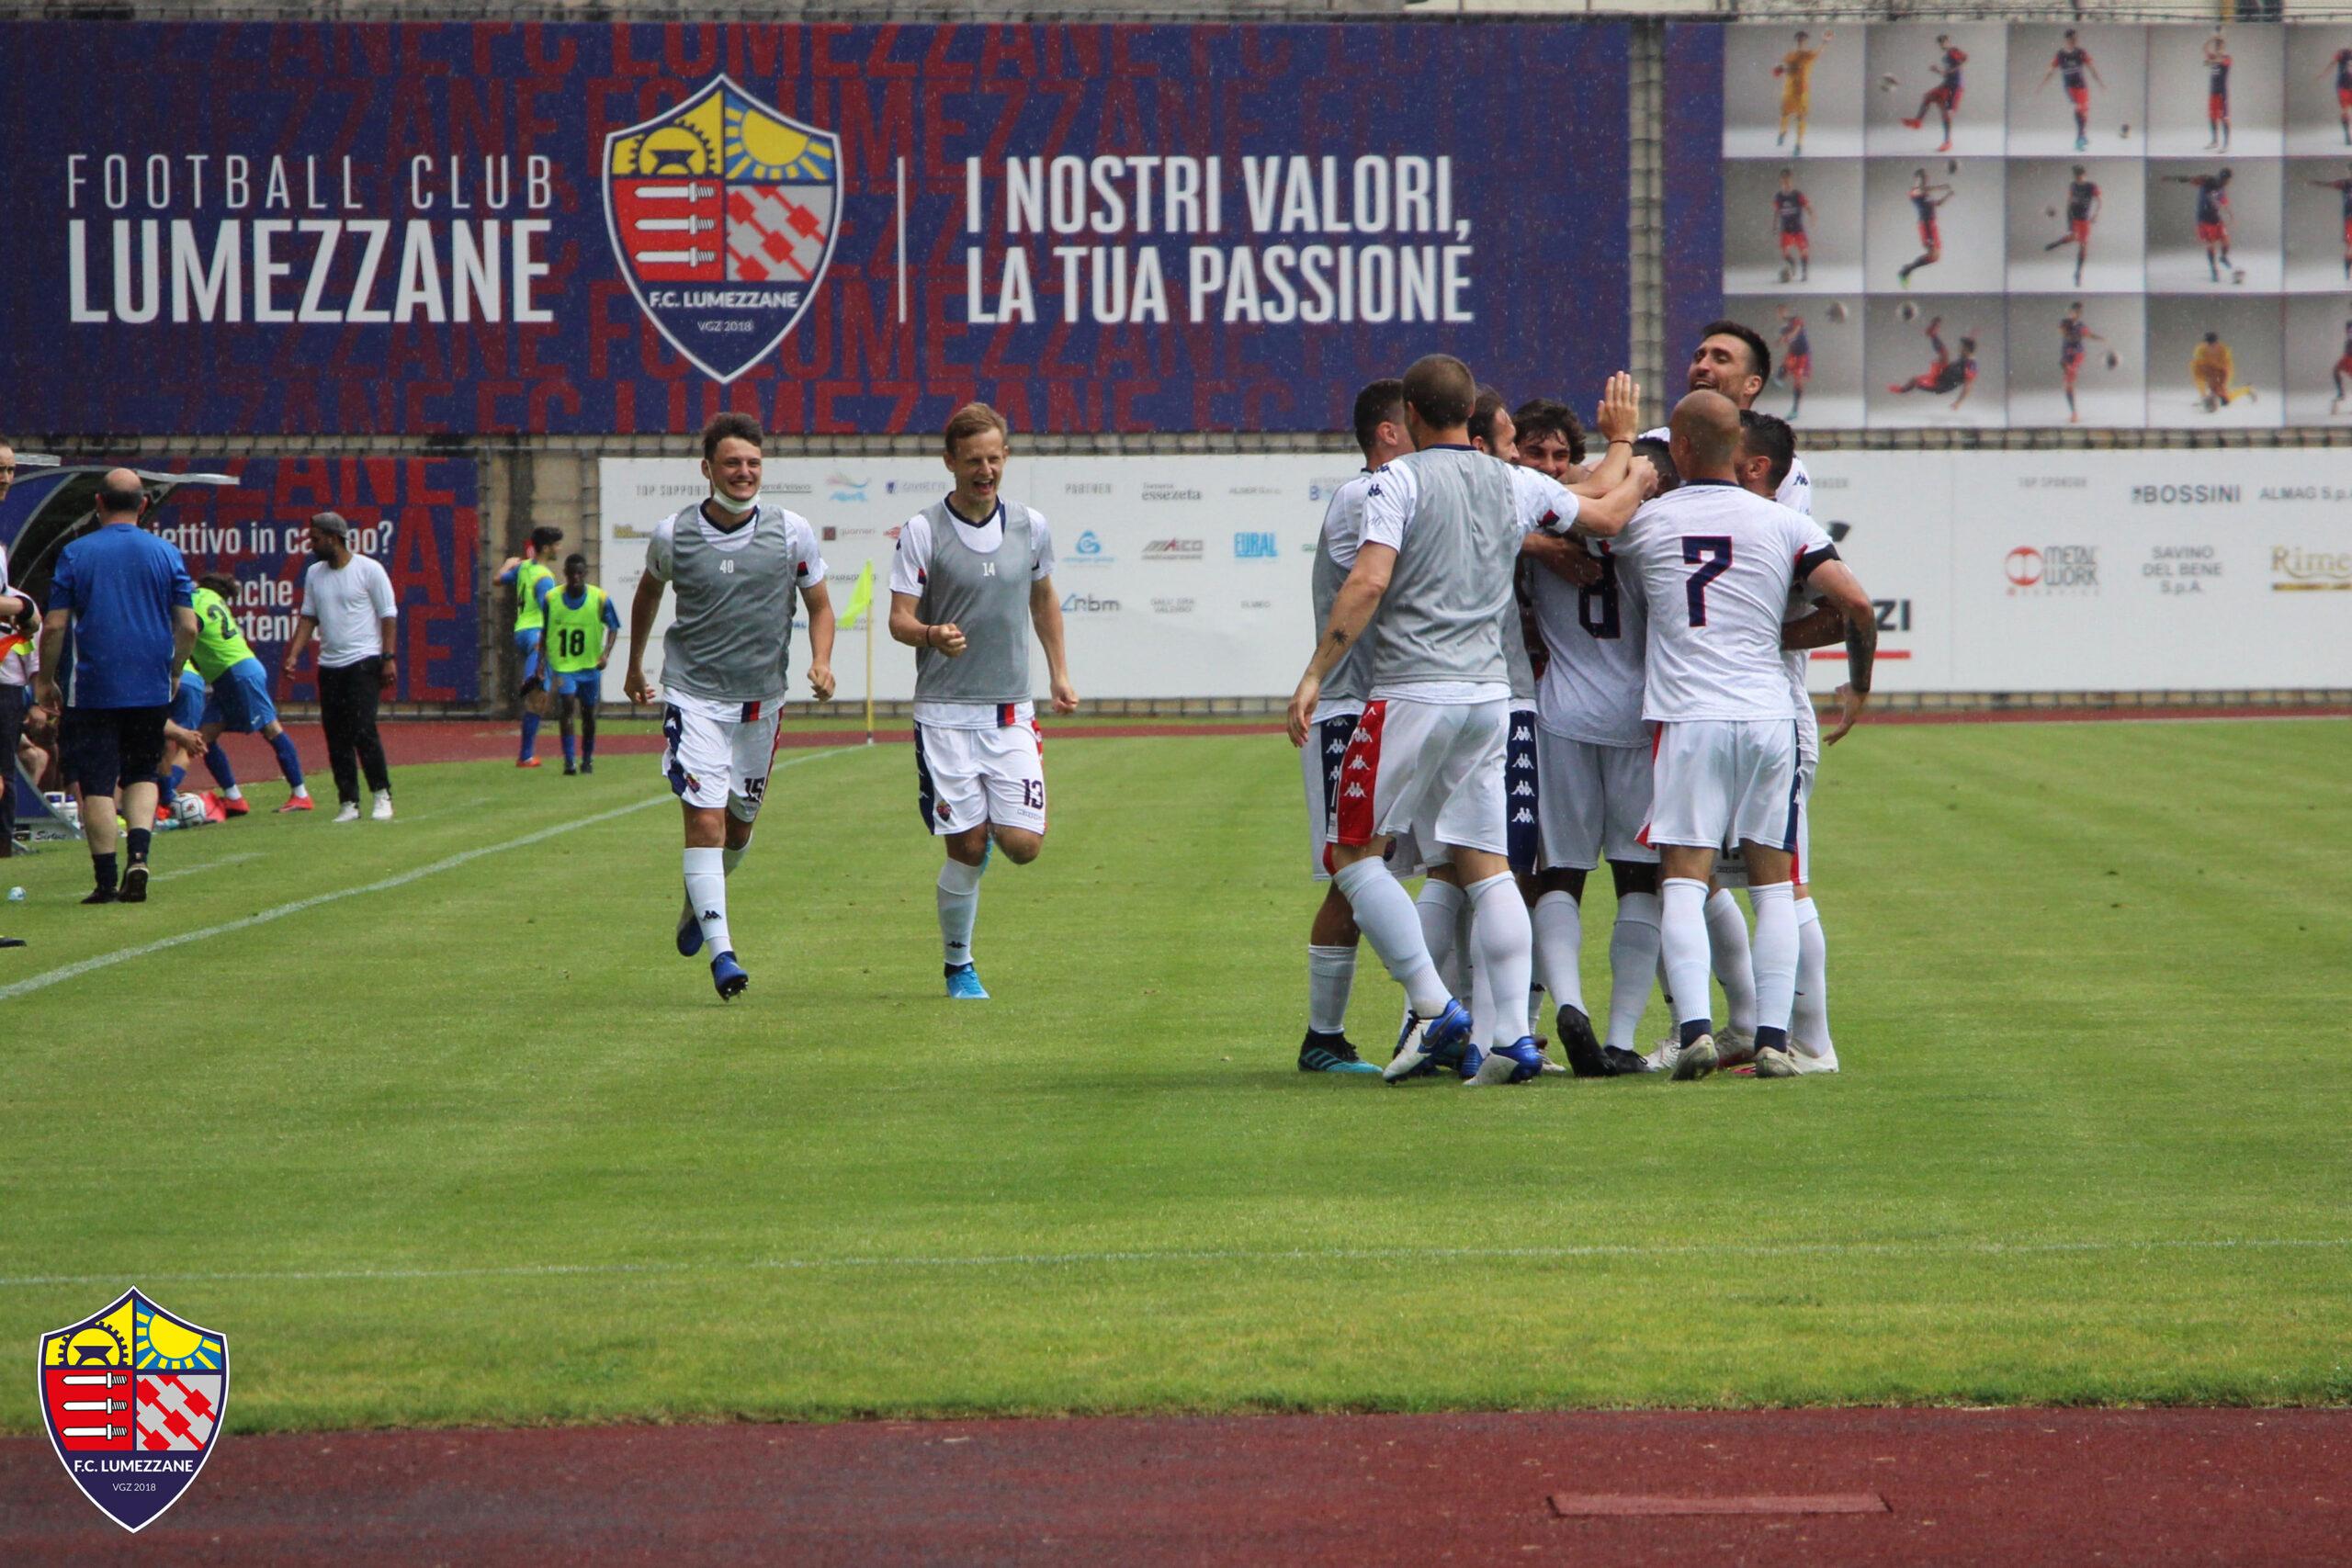 Campionato | 10ª Giornata | FC LUMEZZANE VGZ – Mapello 5-0